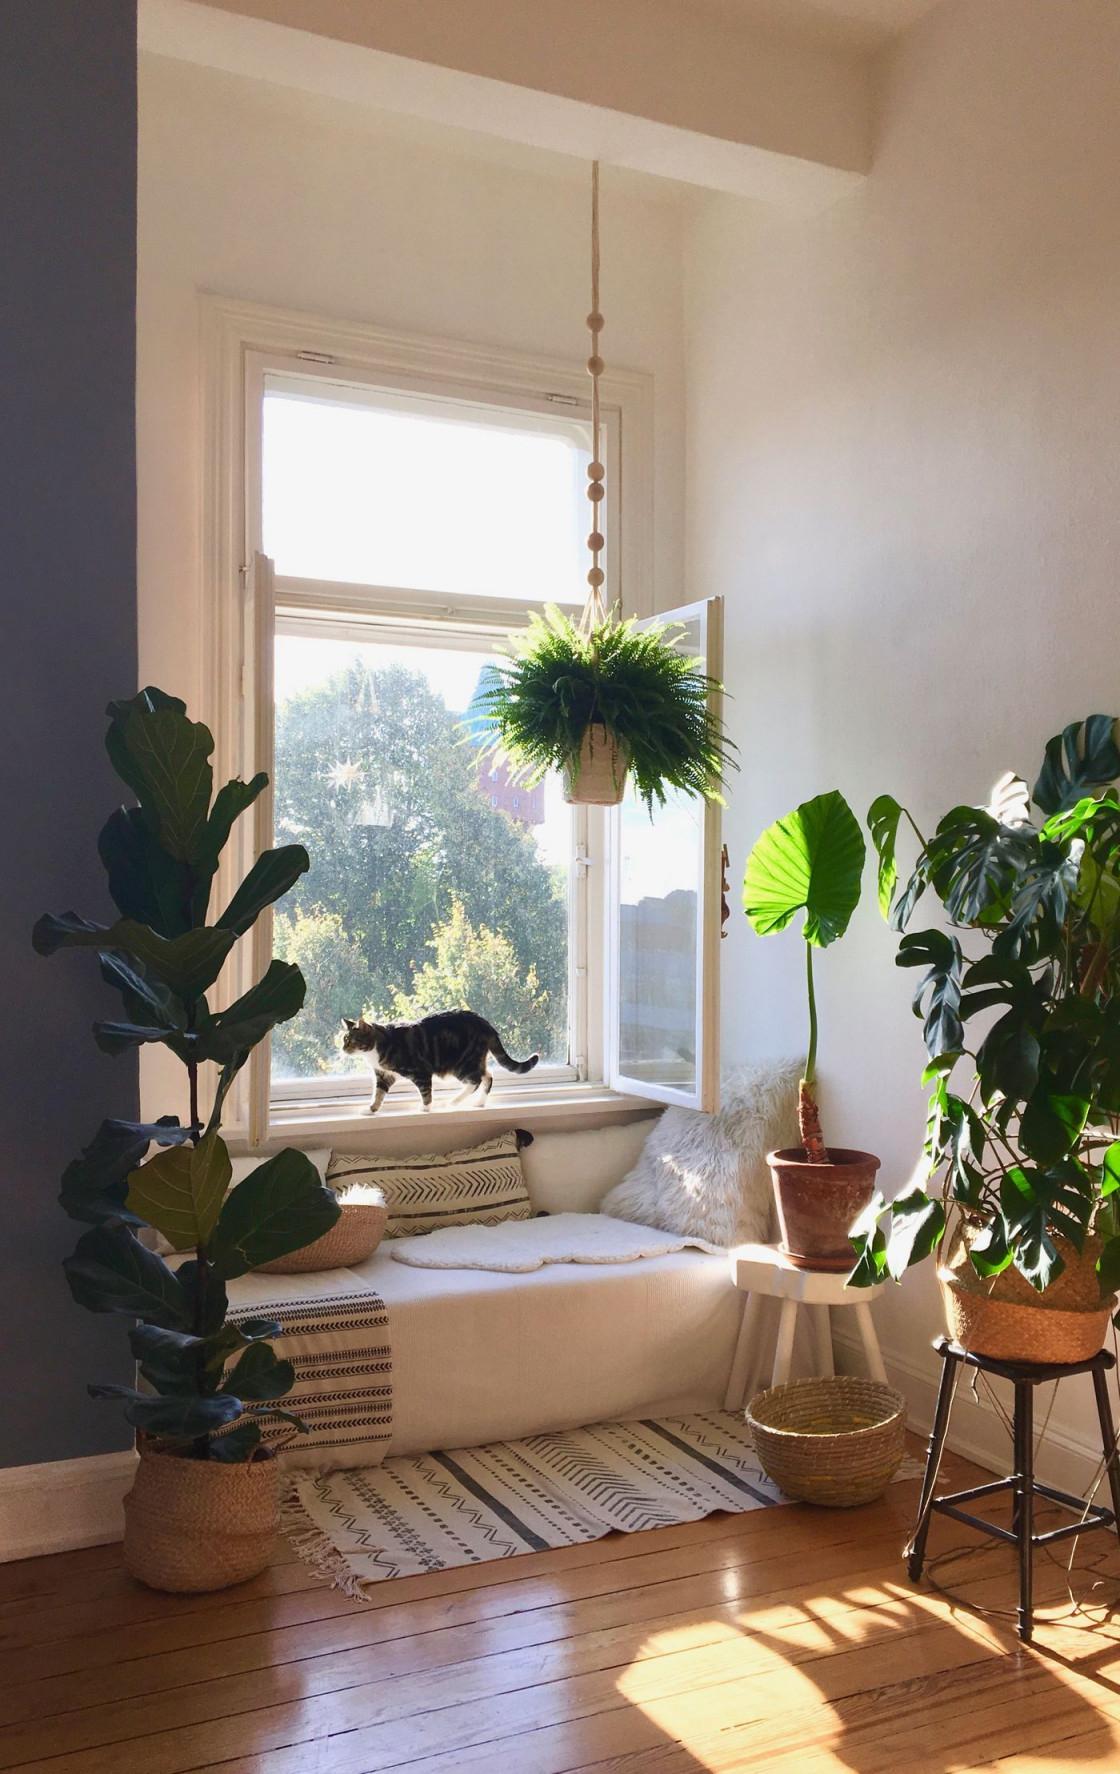 Die Schönsten Pflanzen Deko Ideen von Wohnzimmer Mit Pflanzen Gestalten Bild